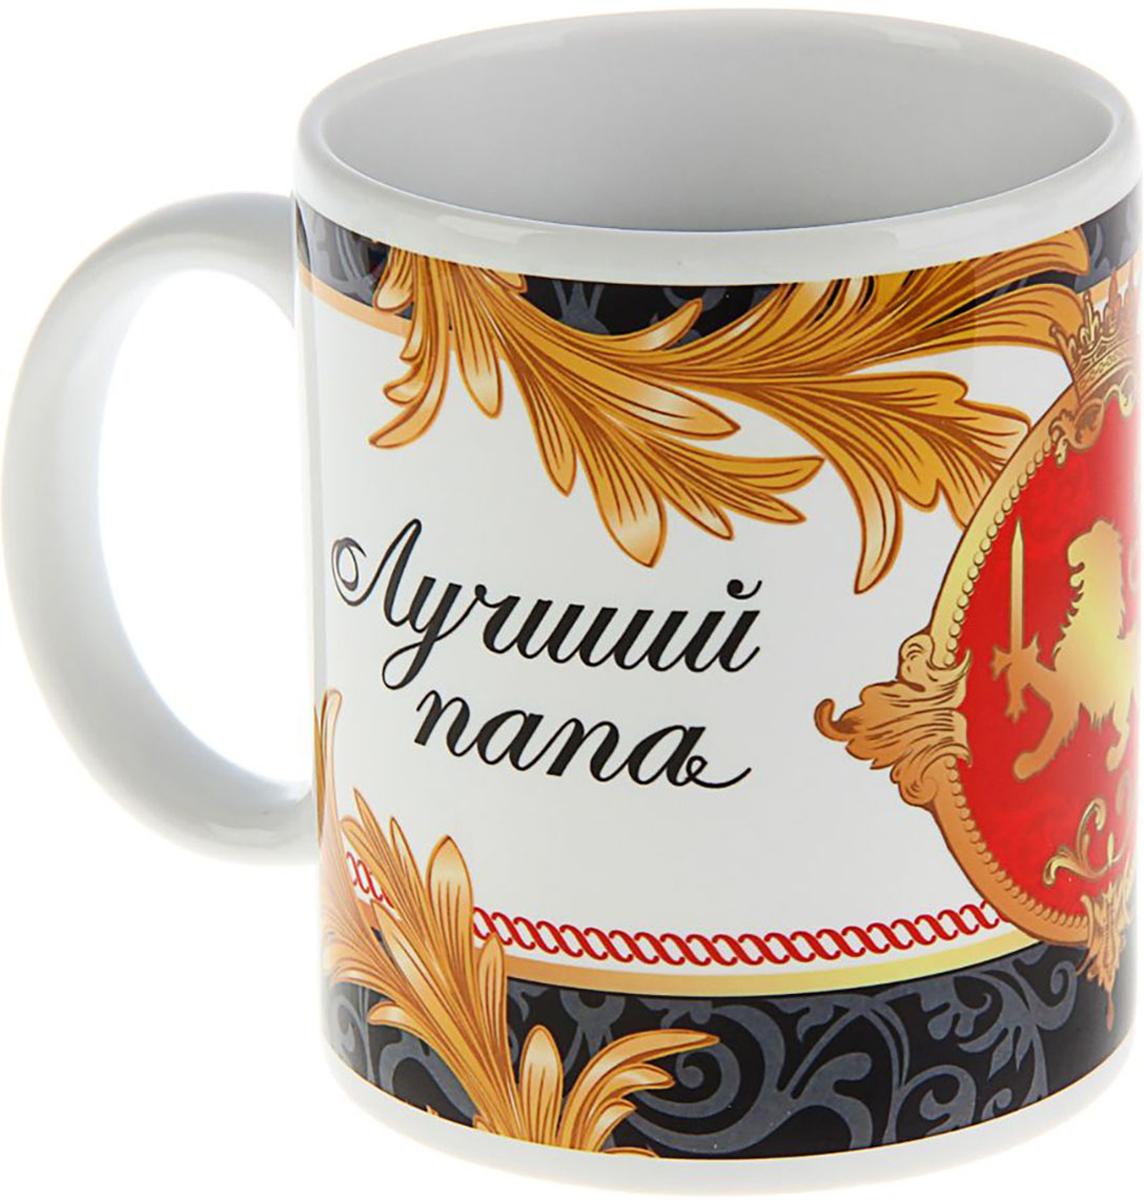 Кружка Sima-Land Лучший папа, 330 мл. 13253481325348Кружка - лучший подарок.Это замечательный и памятный подарок на любой случай. Он с любовью создан нашими дизайнерами специально для ценителей чая. Интересный дизайн и благородные цвета будут радовать ее обладателя долгие годы. Изображение нанесено с помощью сублимации, поэтому устойчиво к воздействию моющих средств и не подвержено выгоранию на солнце.Соберите коллекцию для всей семьи, тогда каждое чаепитие в кругу родных превратится в настоящую церемонию.